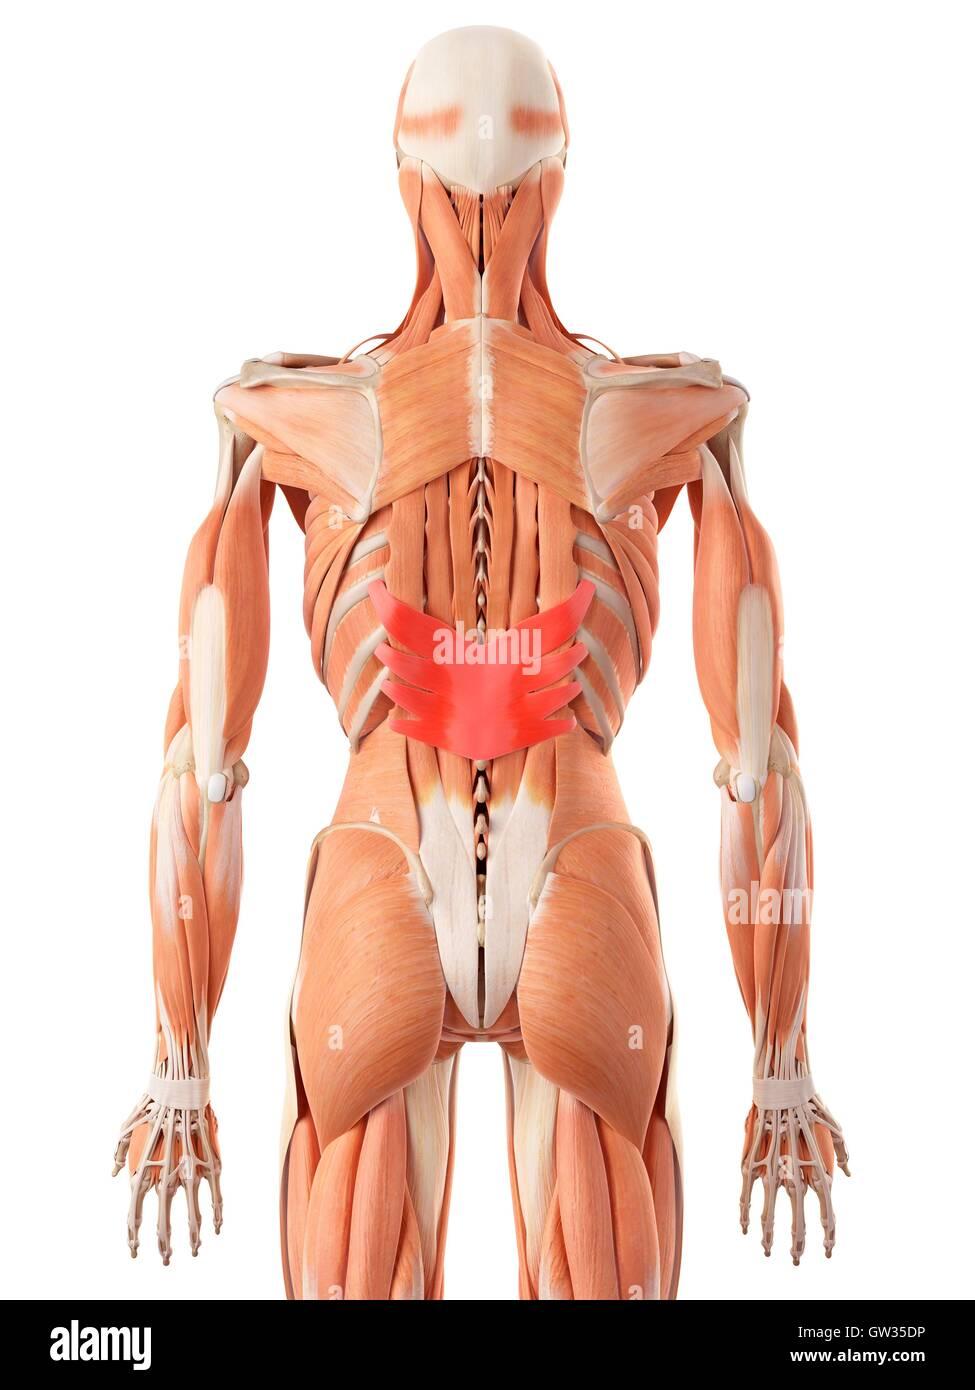 Fantástico Diagrama De Espalda Humana Viñeta - Anatomía de Las ...